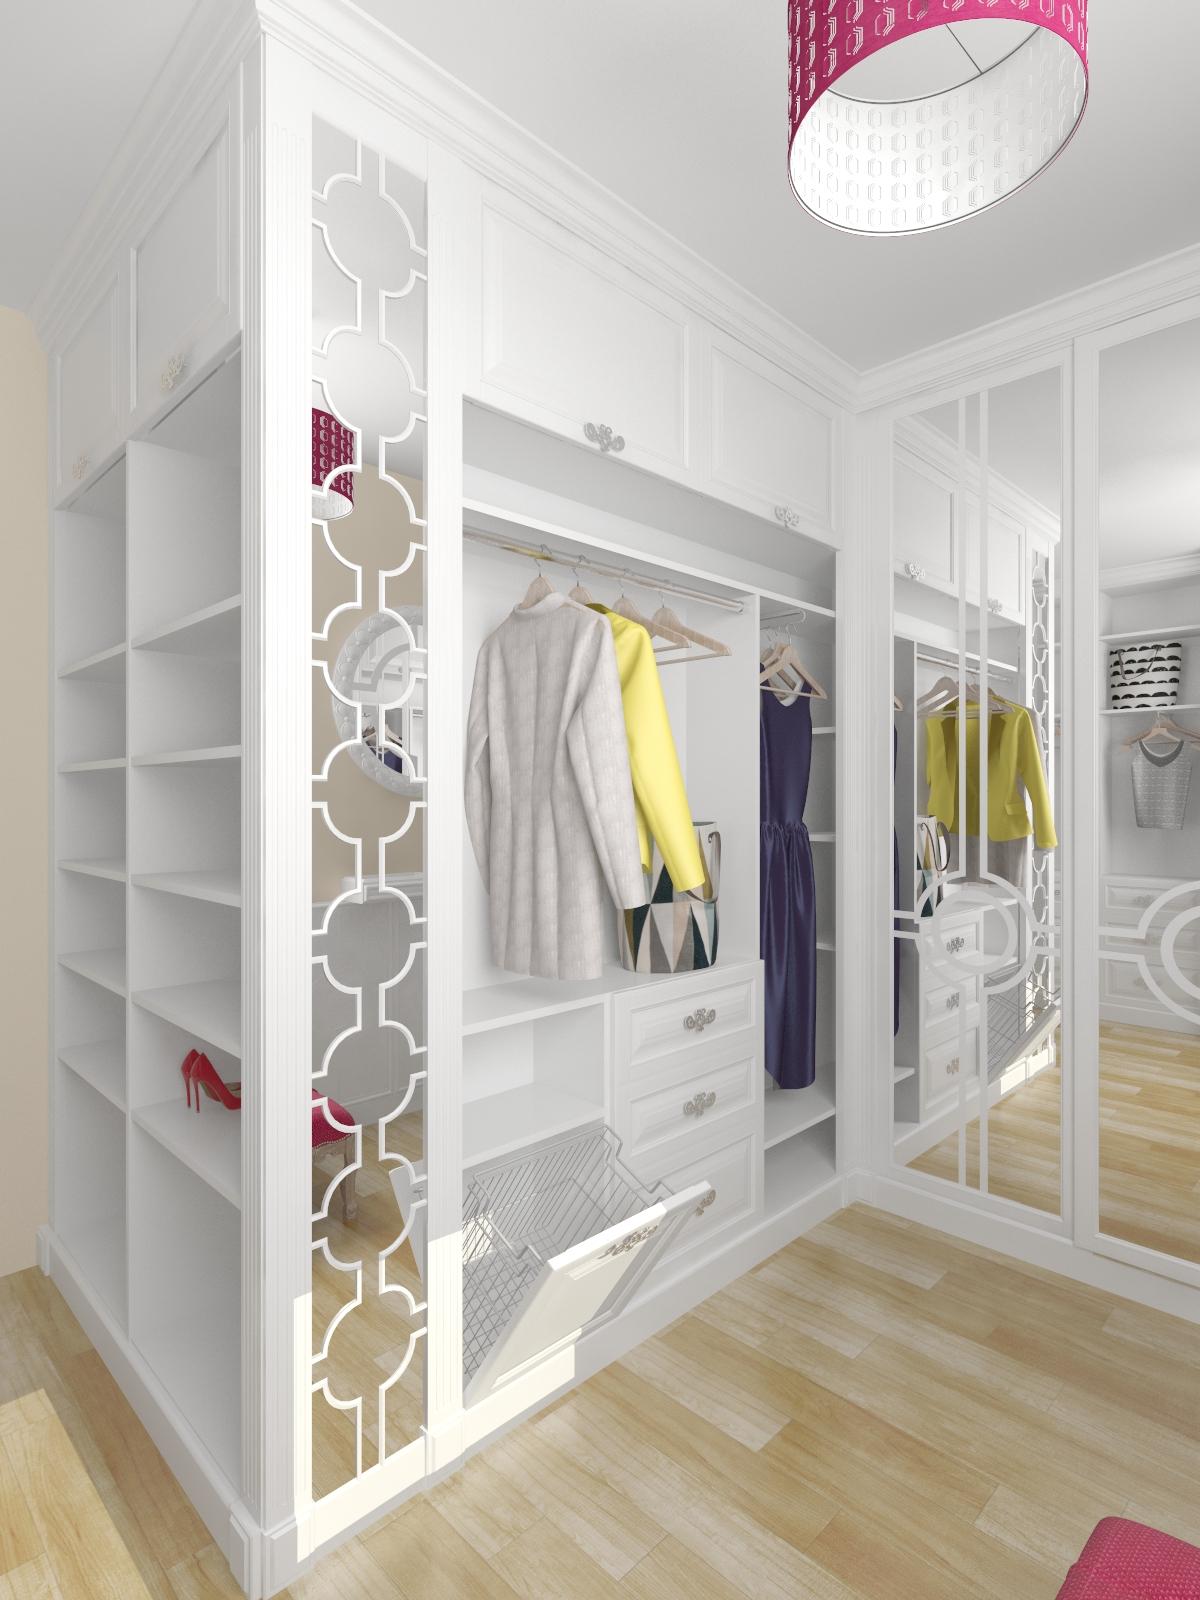 Dressing room | Freelancers 3D